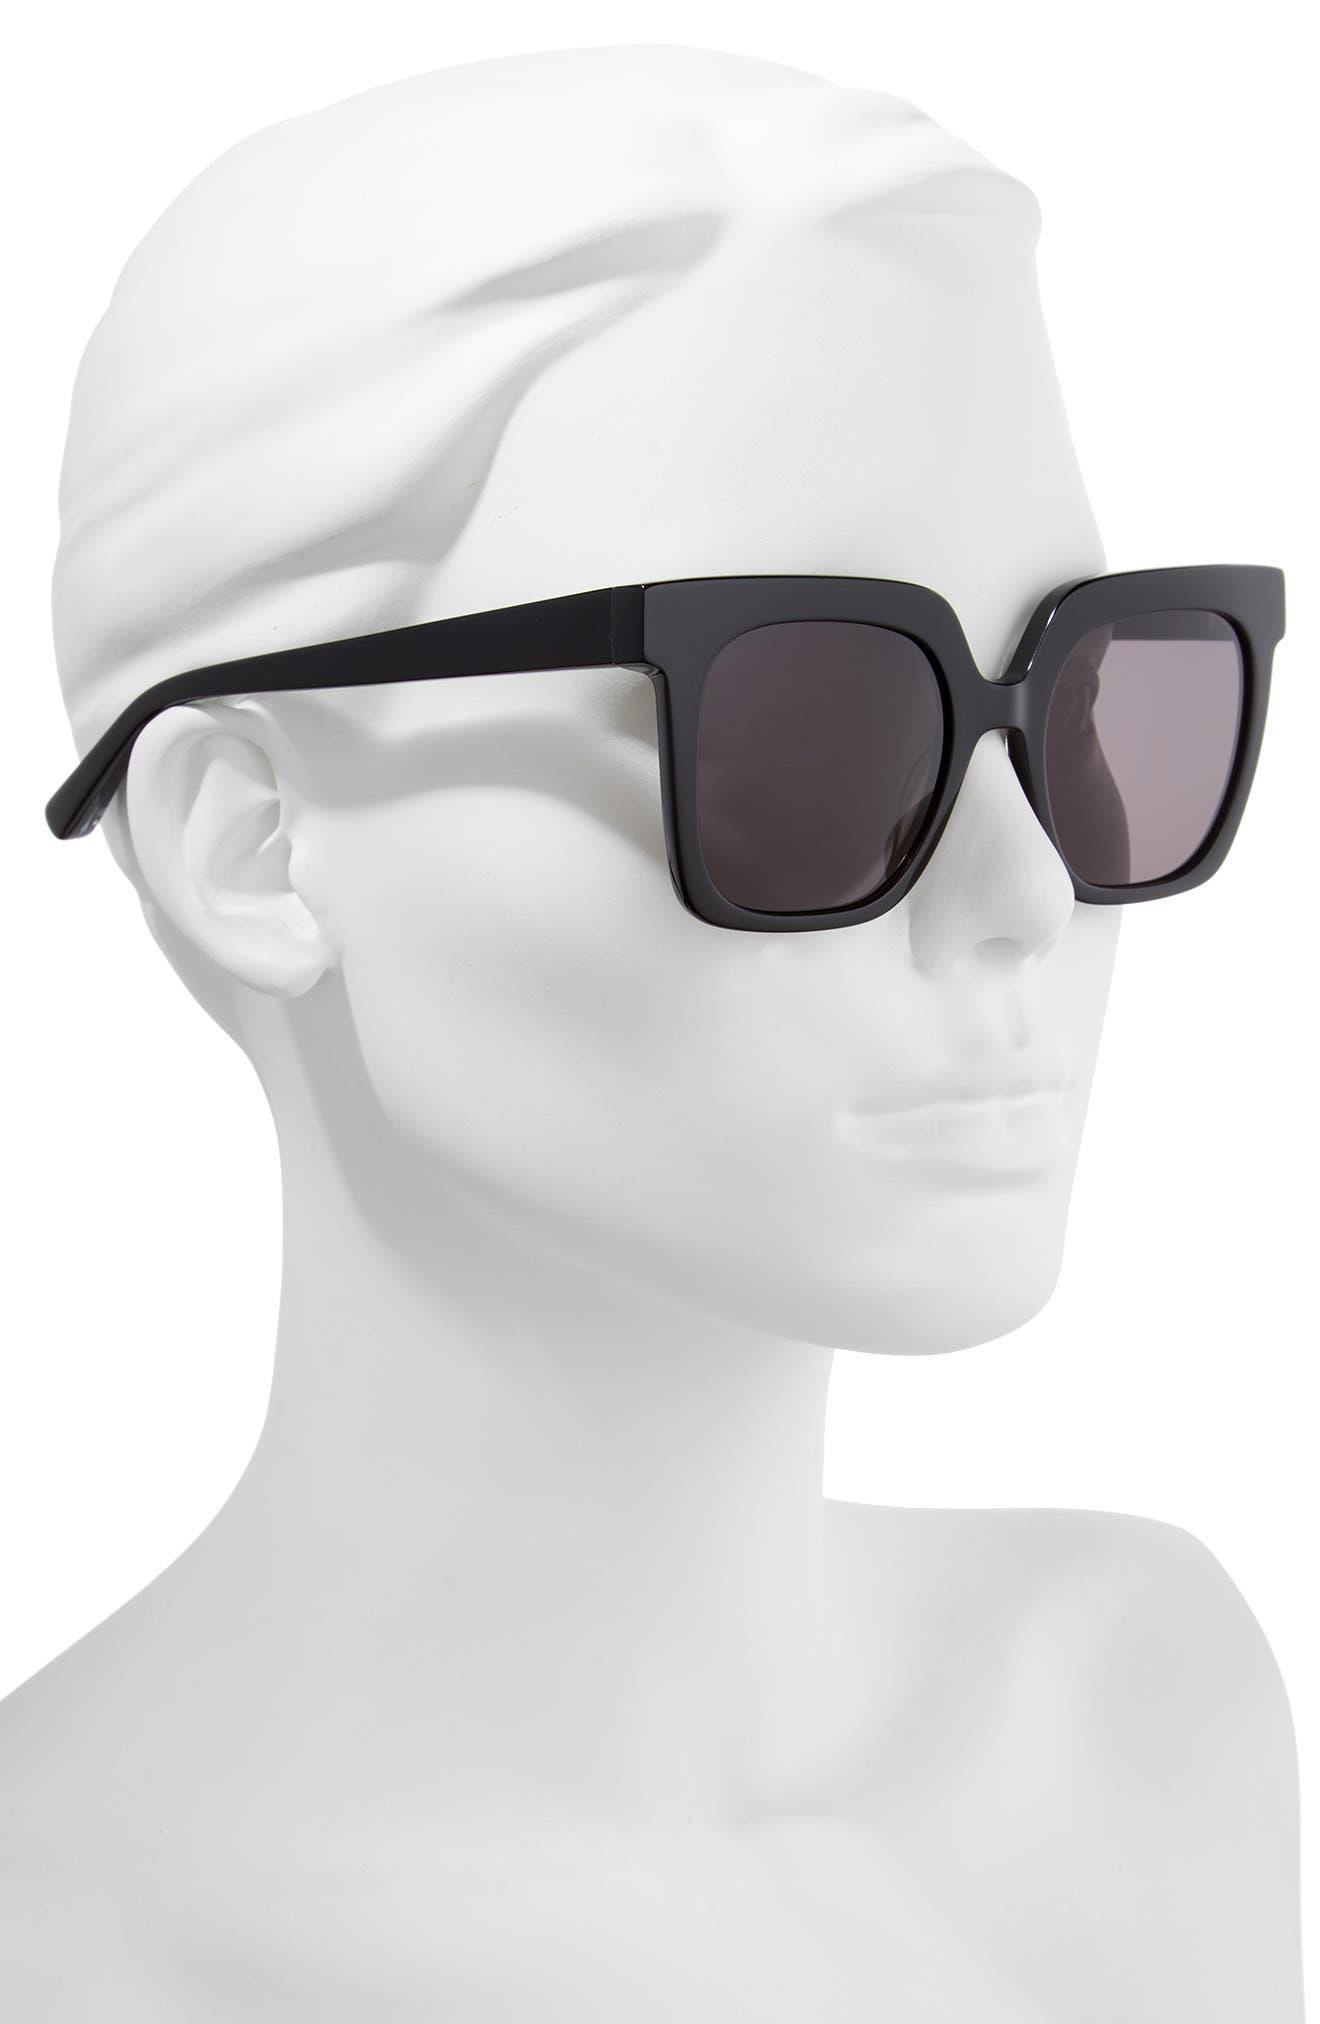 Rae 51mm Square Sunglasses,                             Alternate thumbnail 4, color,